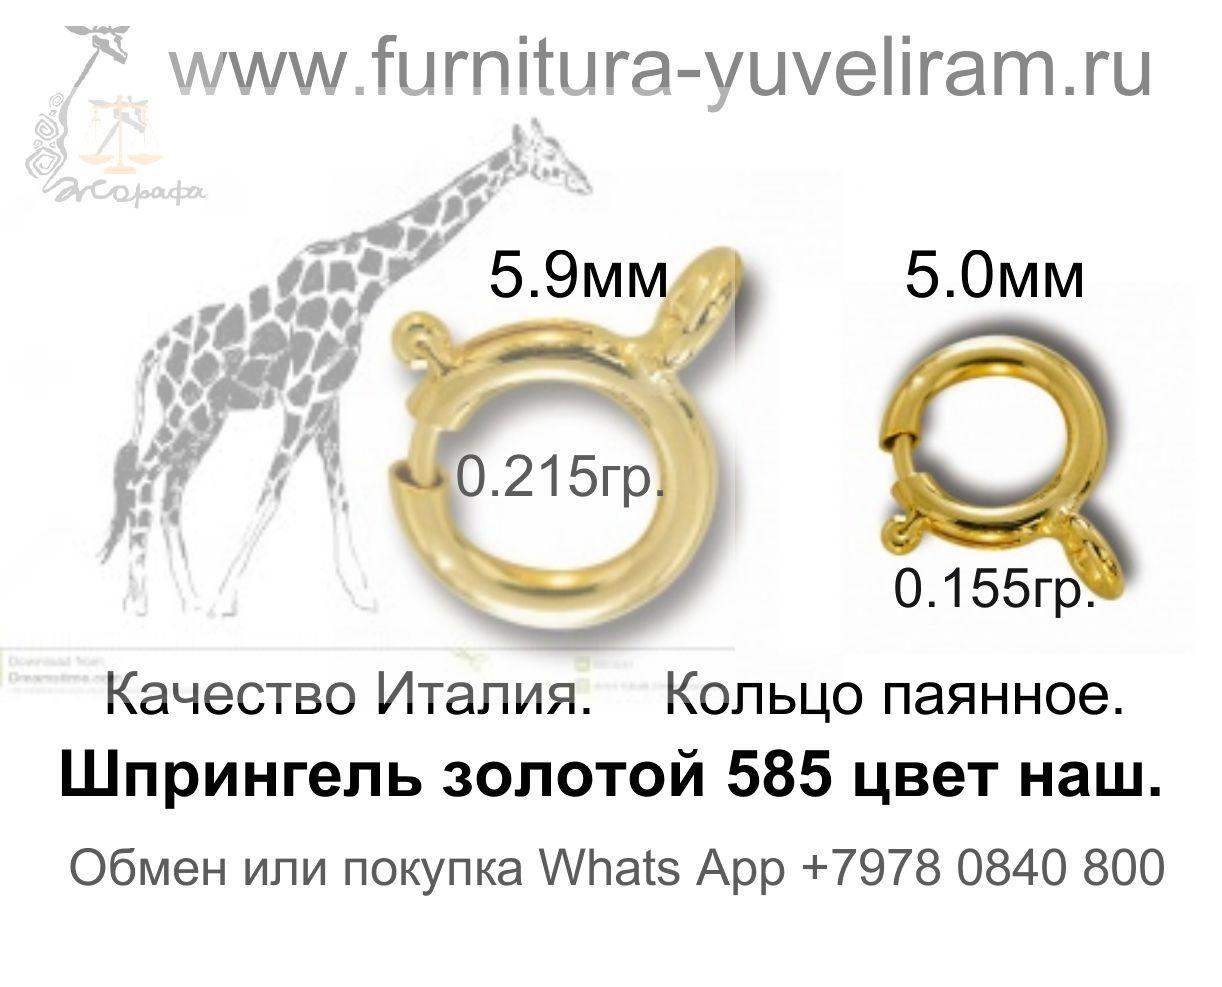 Б. Замок типа шпрингель из золота 585 крас